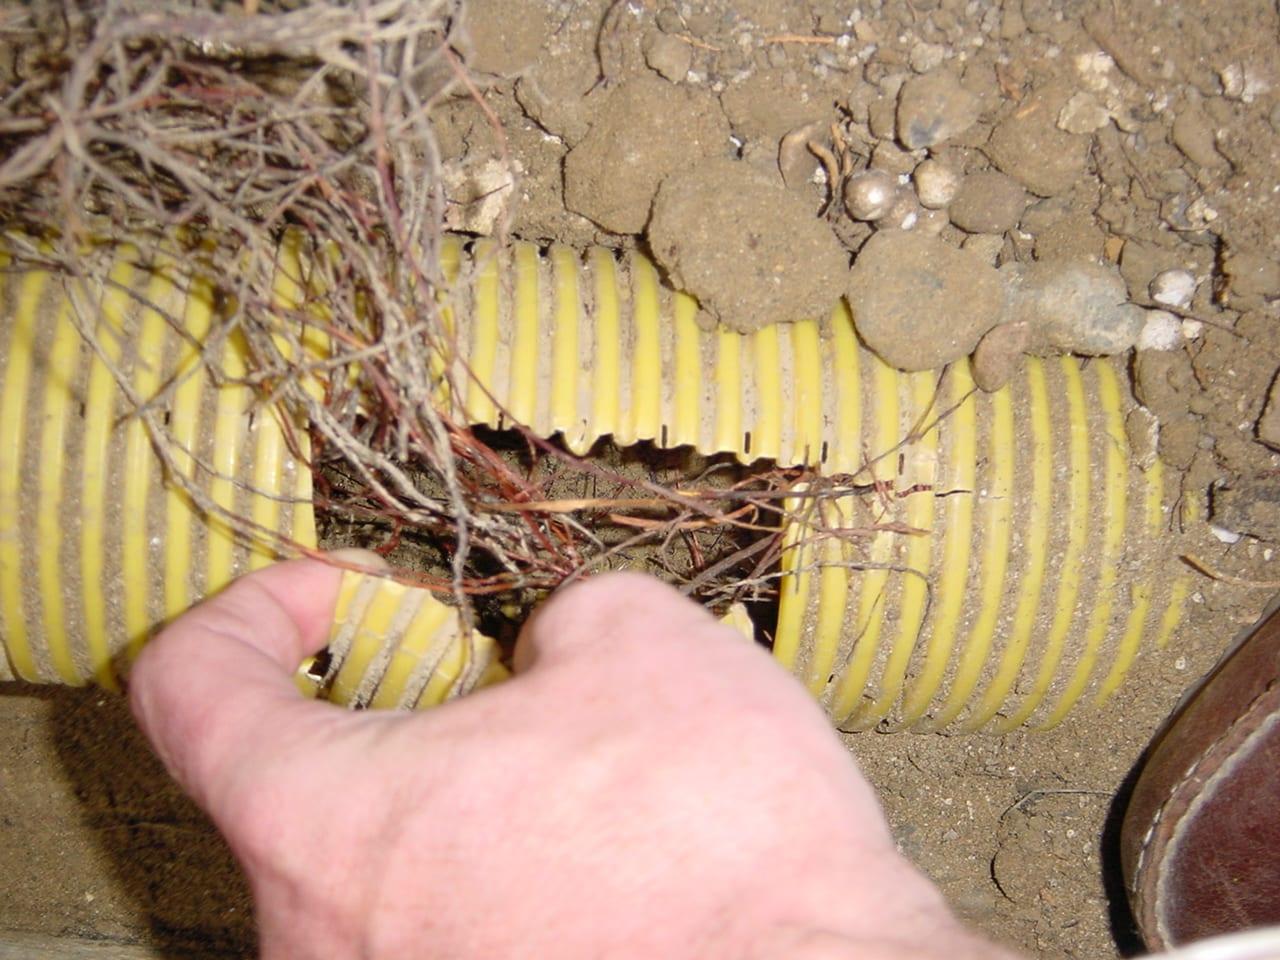 Sanierung von Drainageschäden